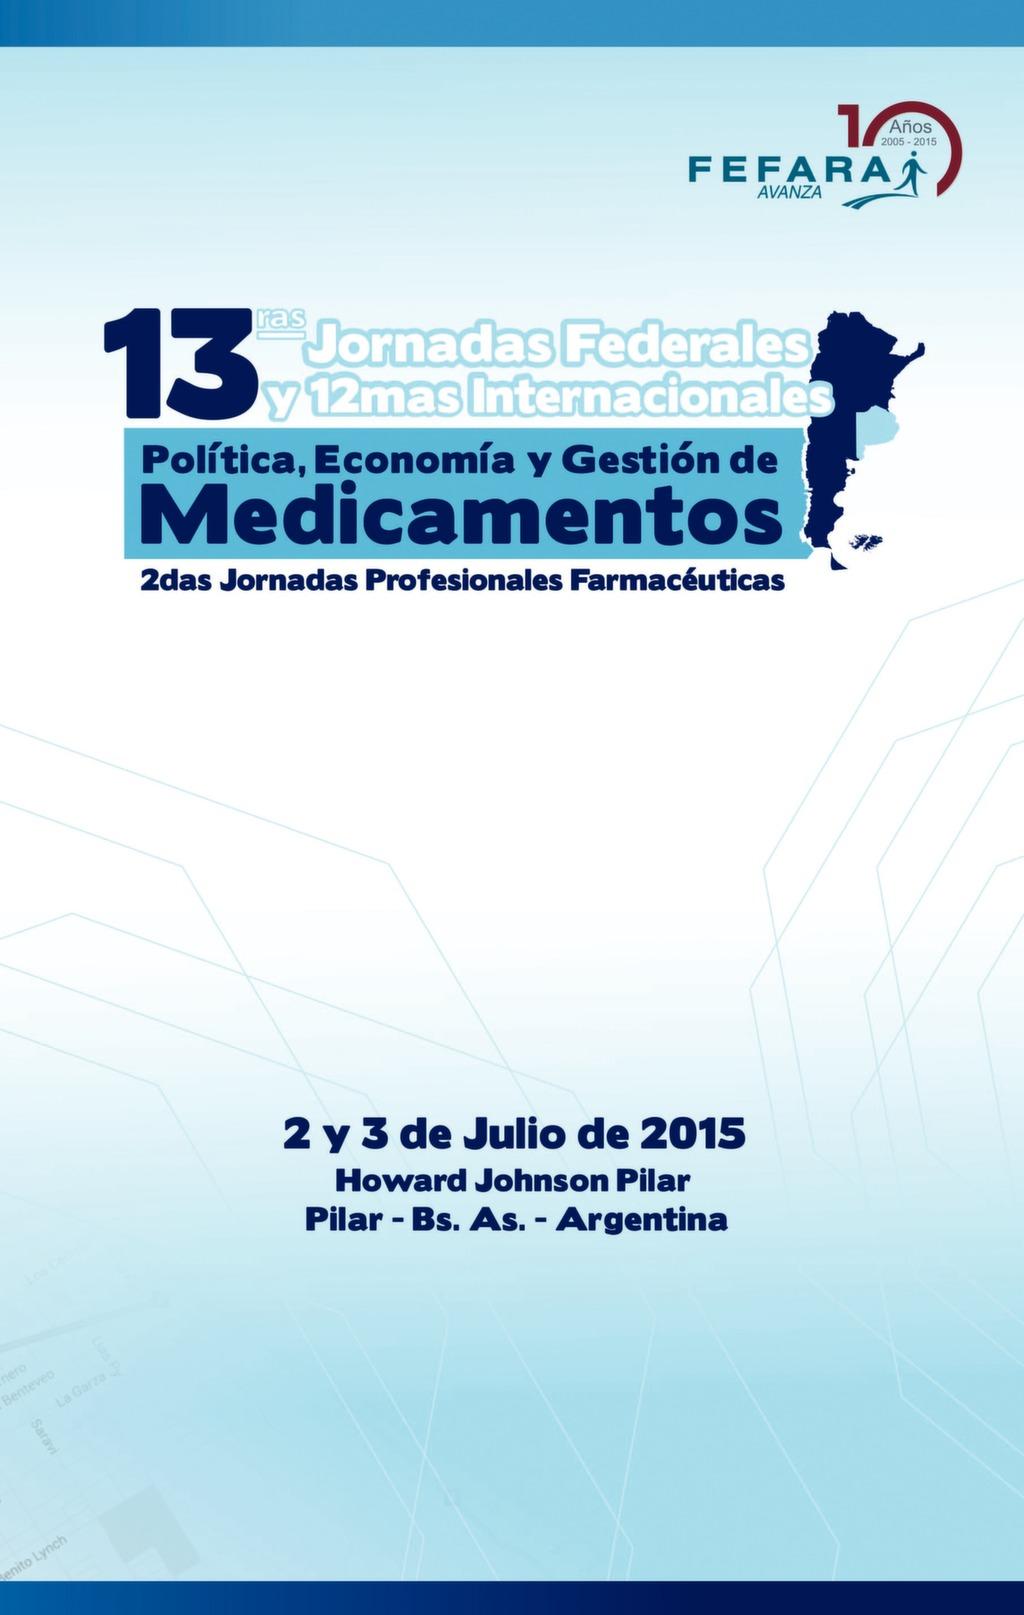 Jornadas año 2015 Image